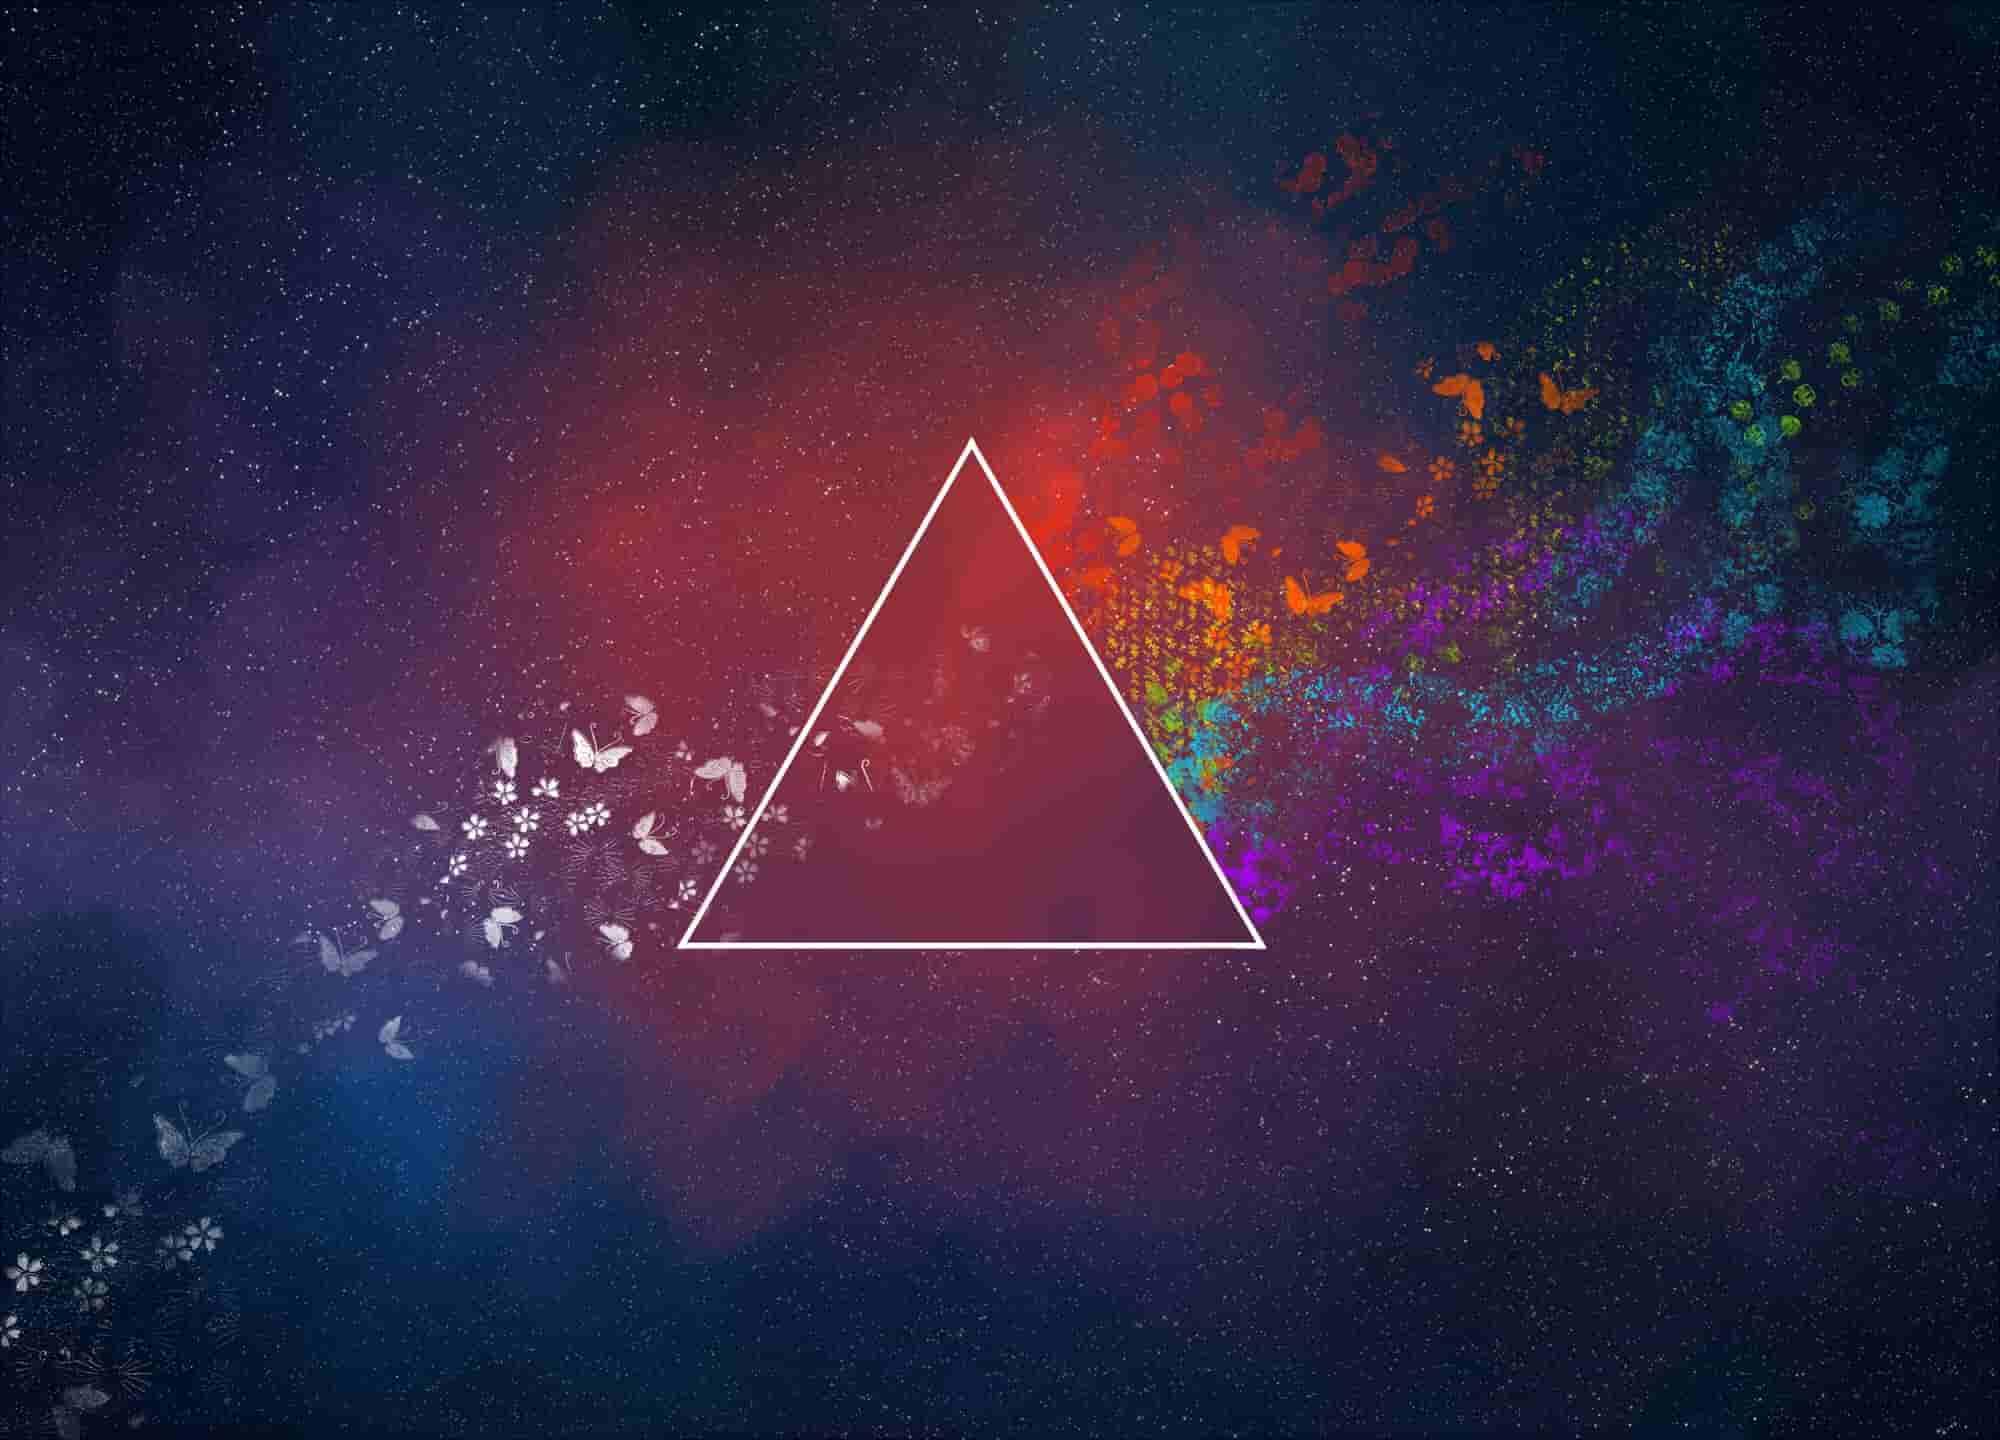 ترسیم مثلث و محاسبه محیط و مساحت آن